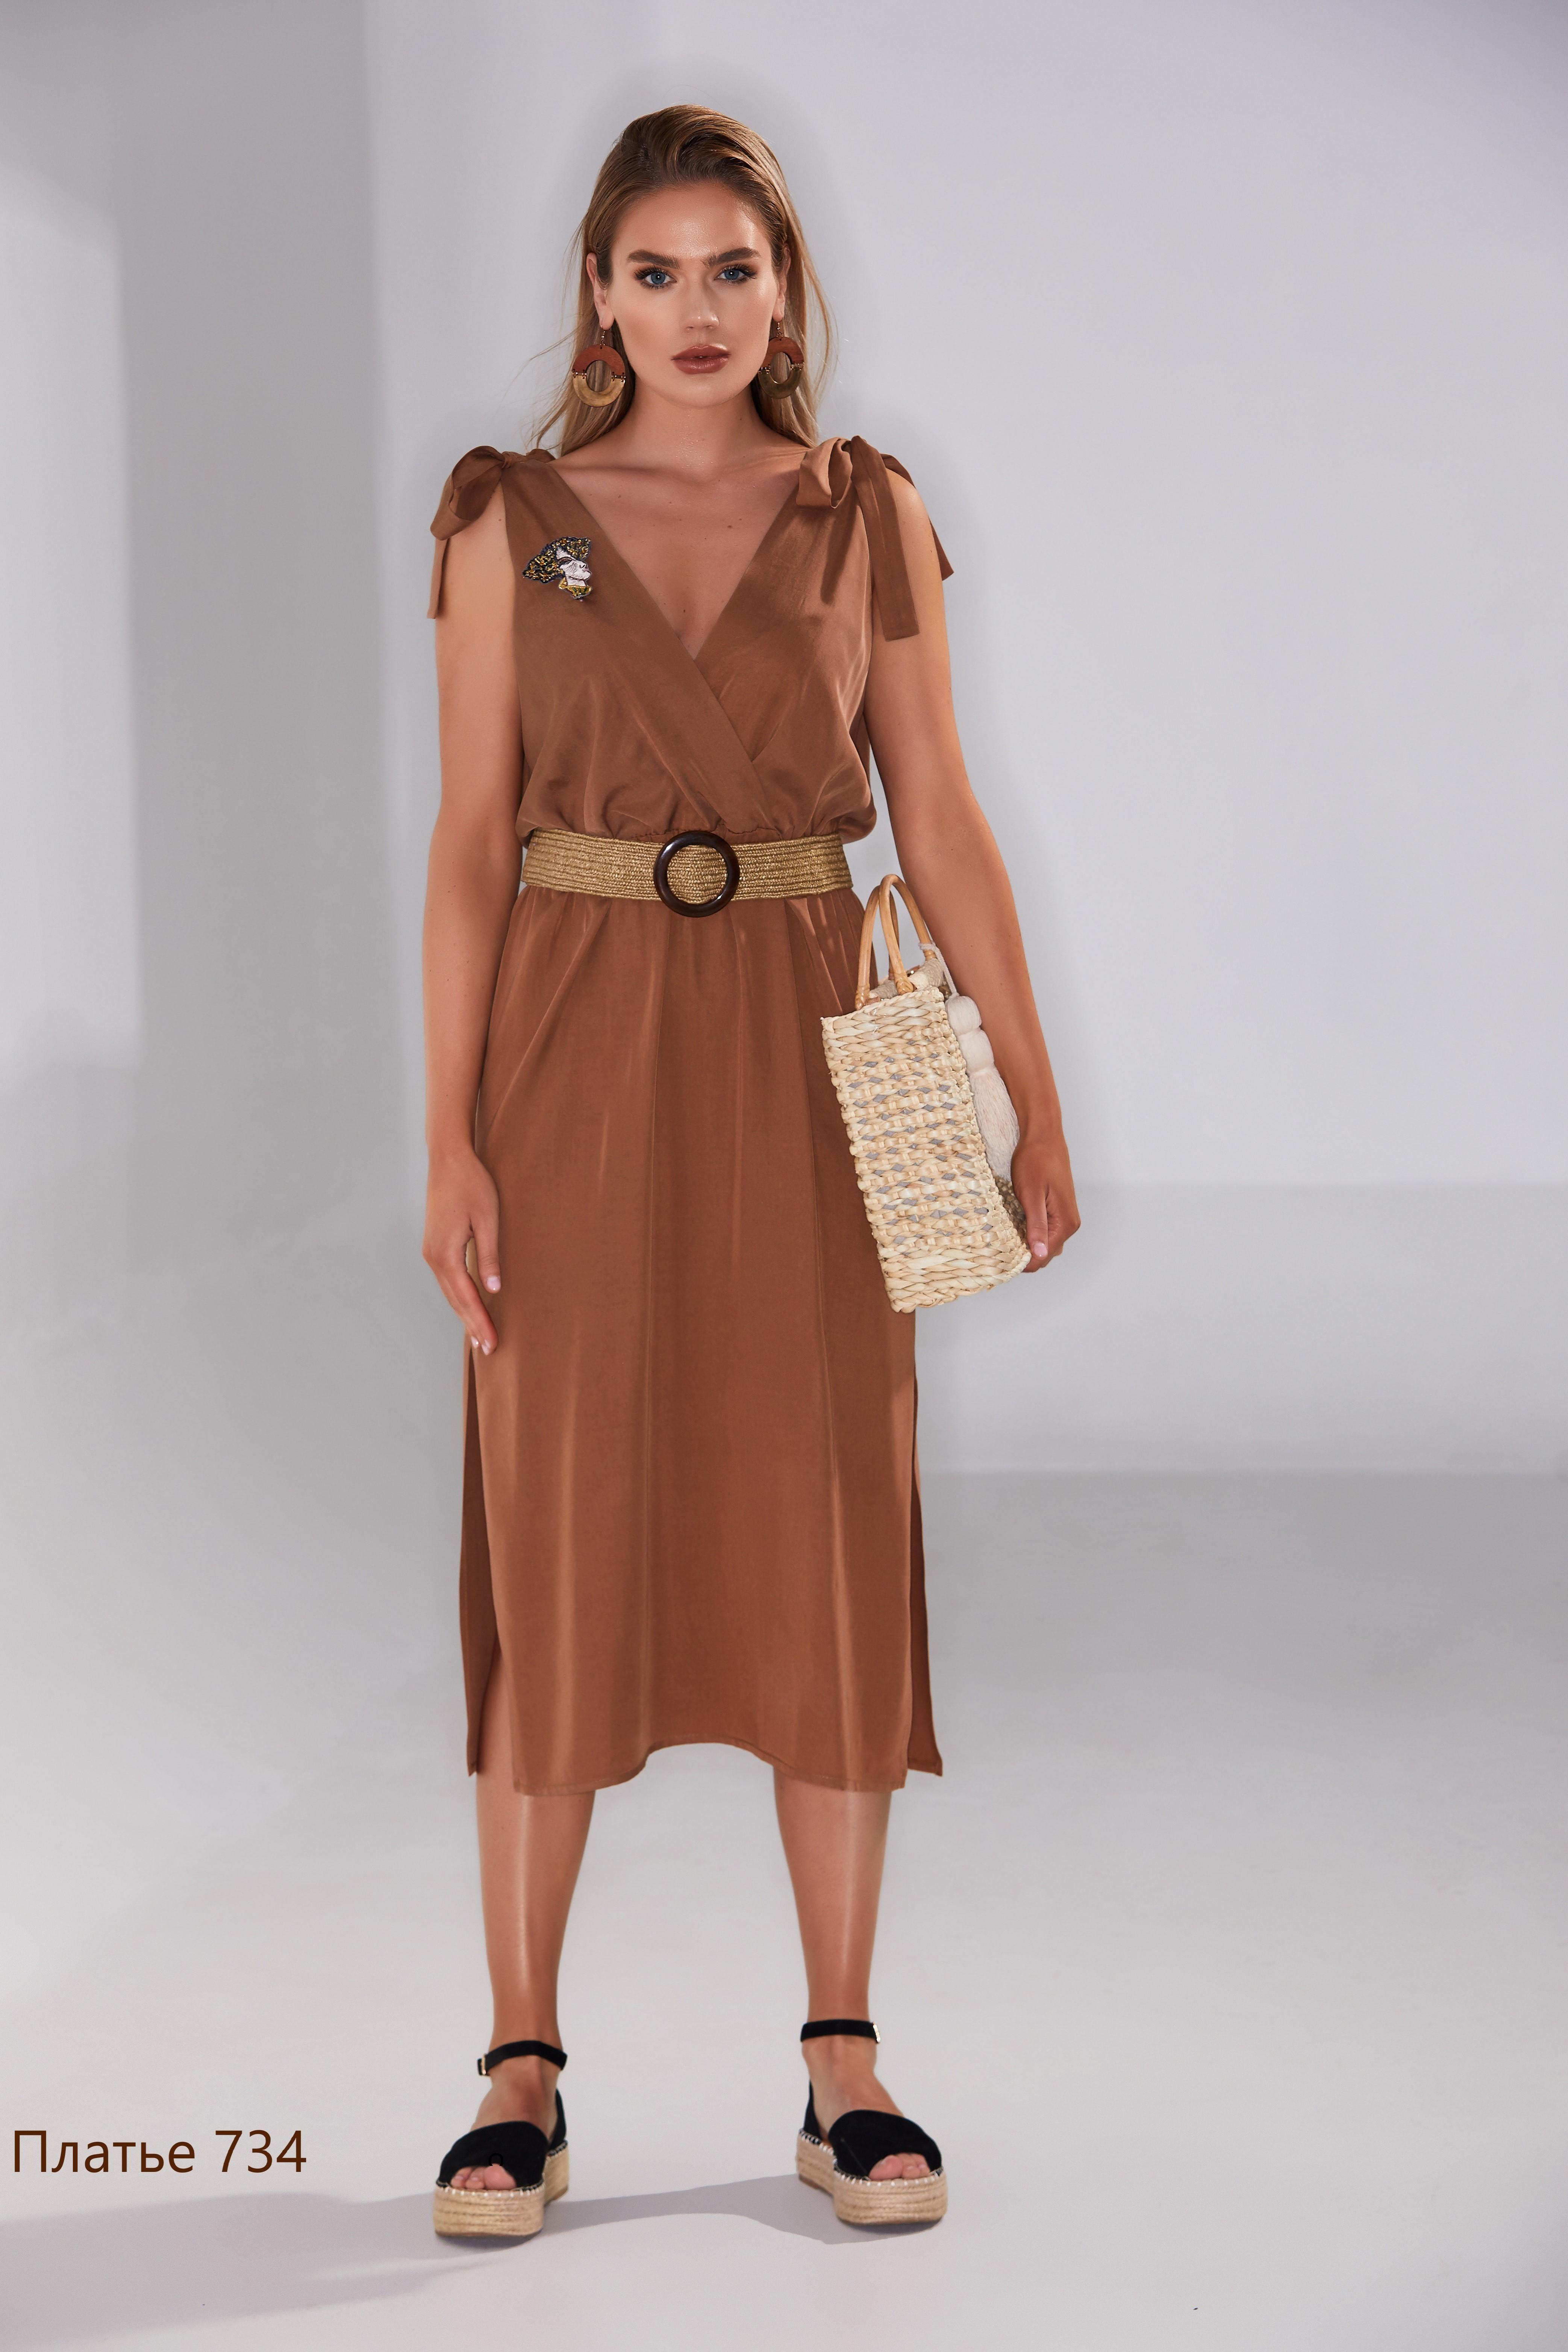 Платье 734  (2)